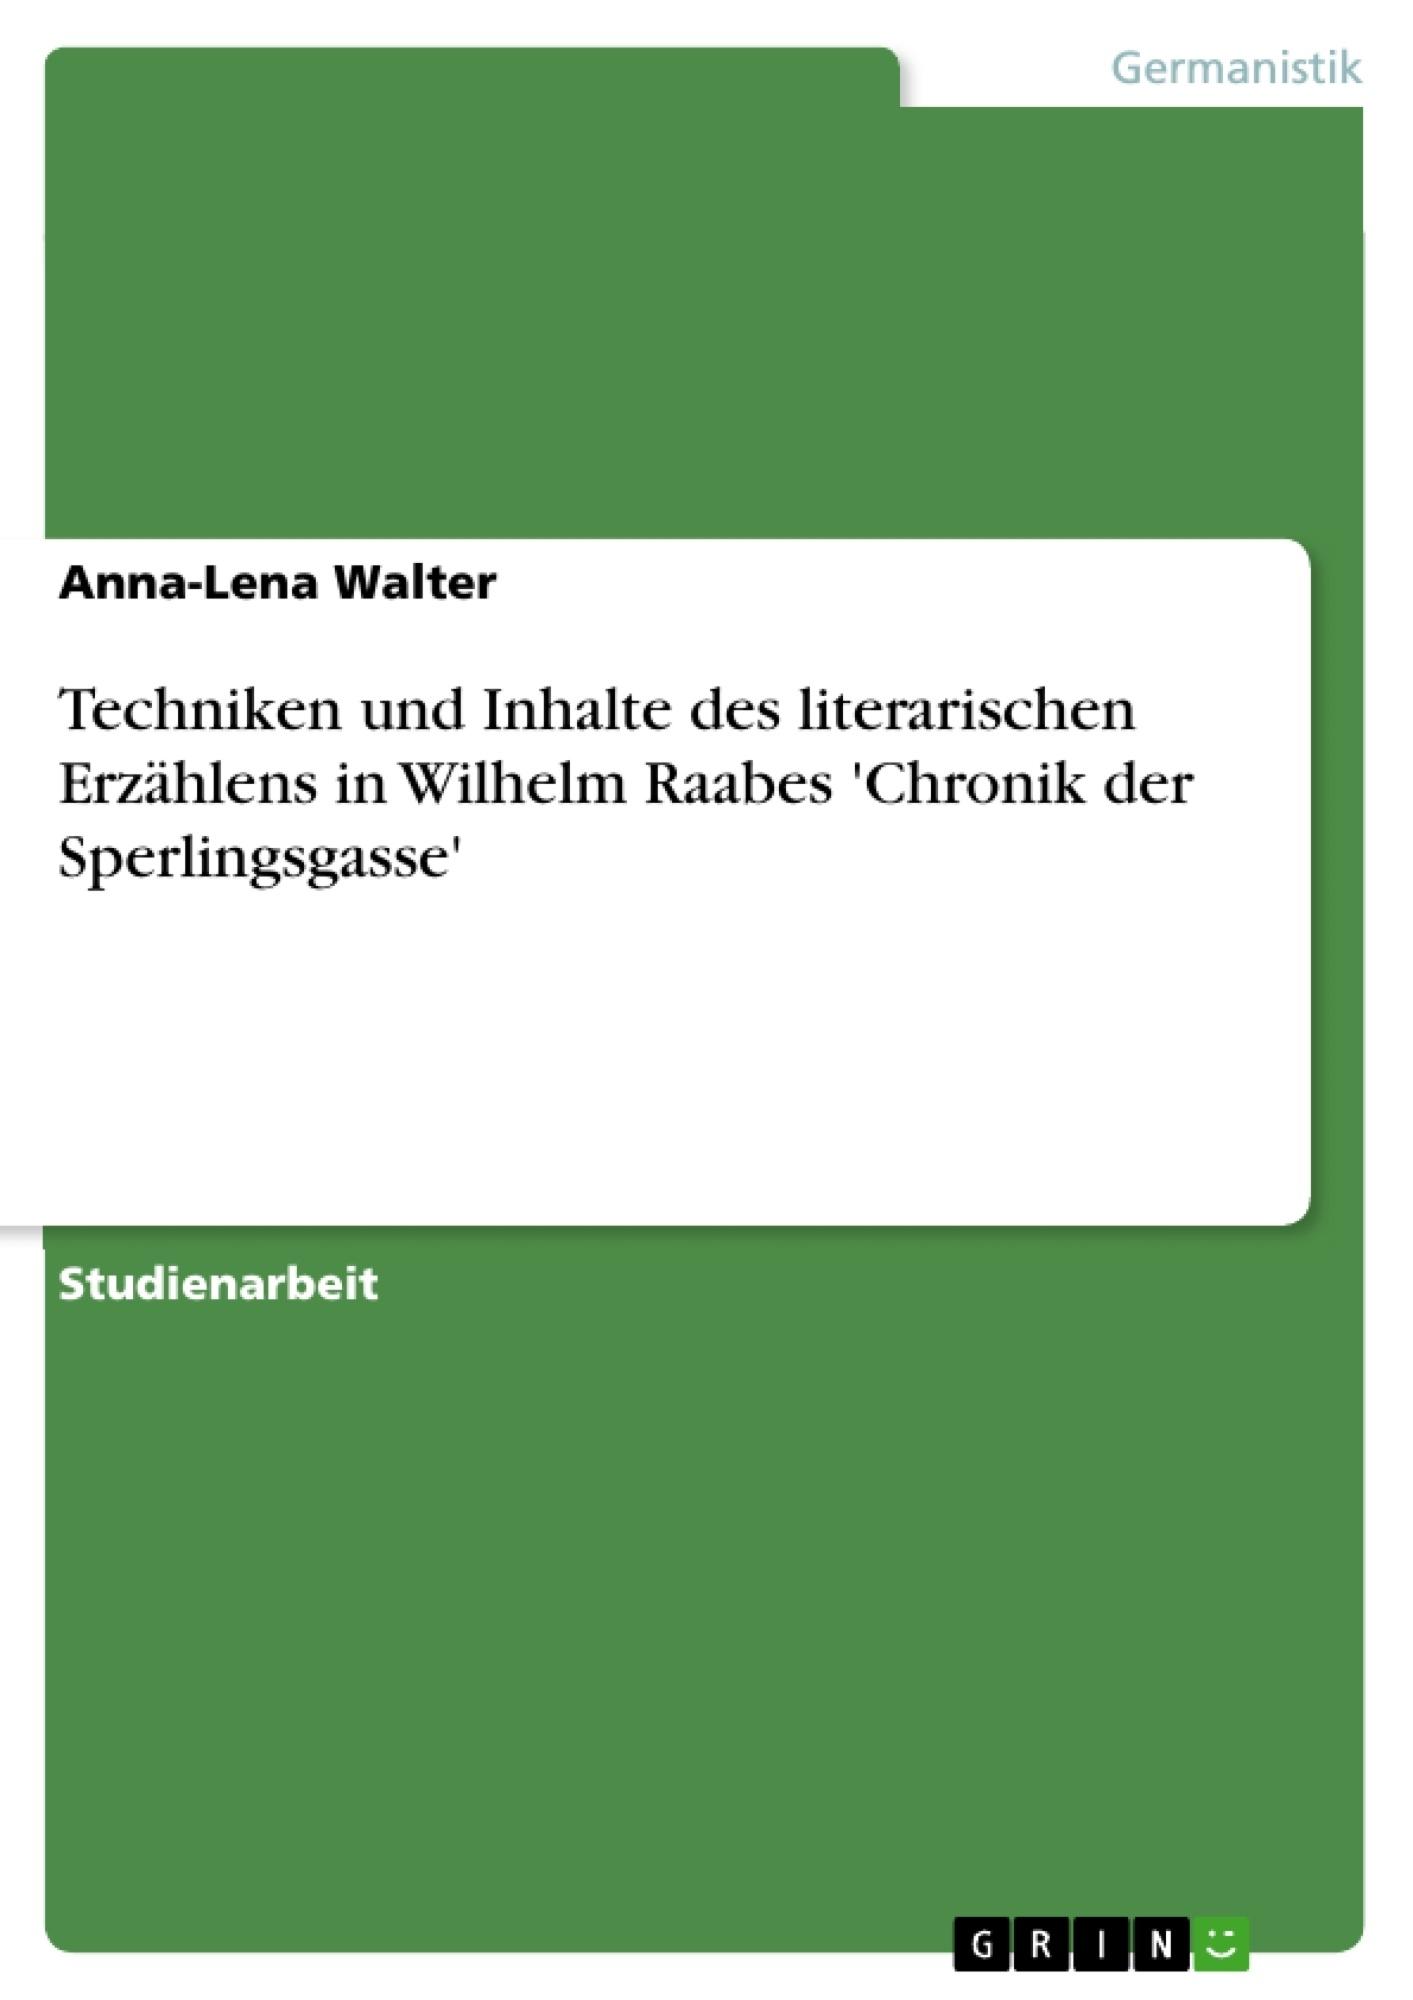 Titel: Techniken und Inhalte des literarischen Erzählens in Wilhelm Raabes 'Chronik der Sperlingsgasse'